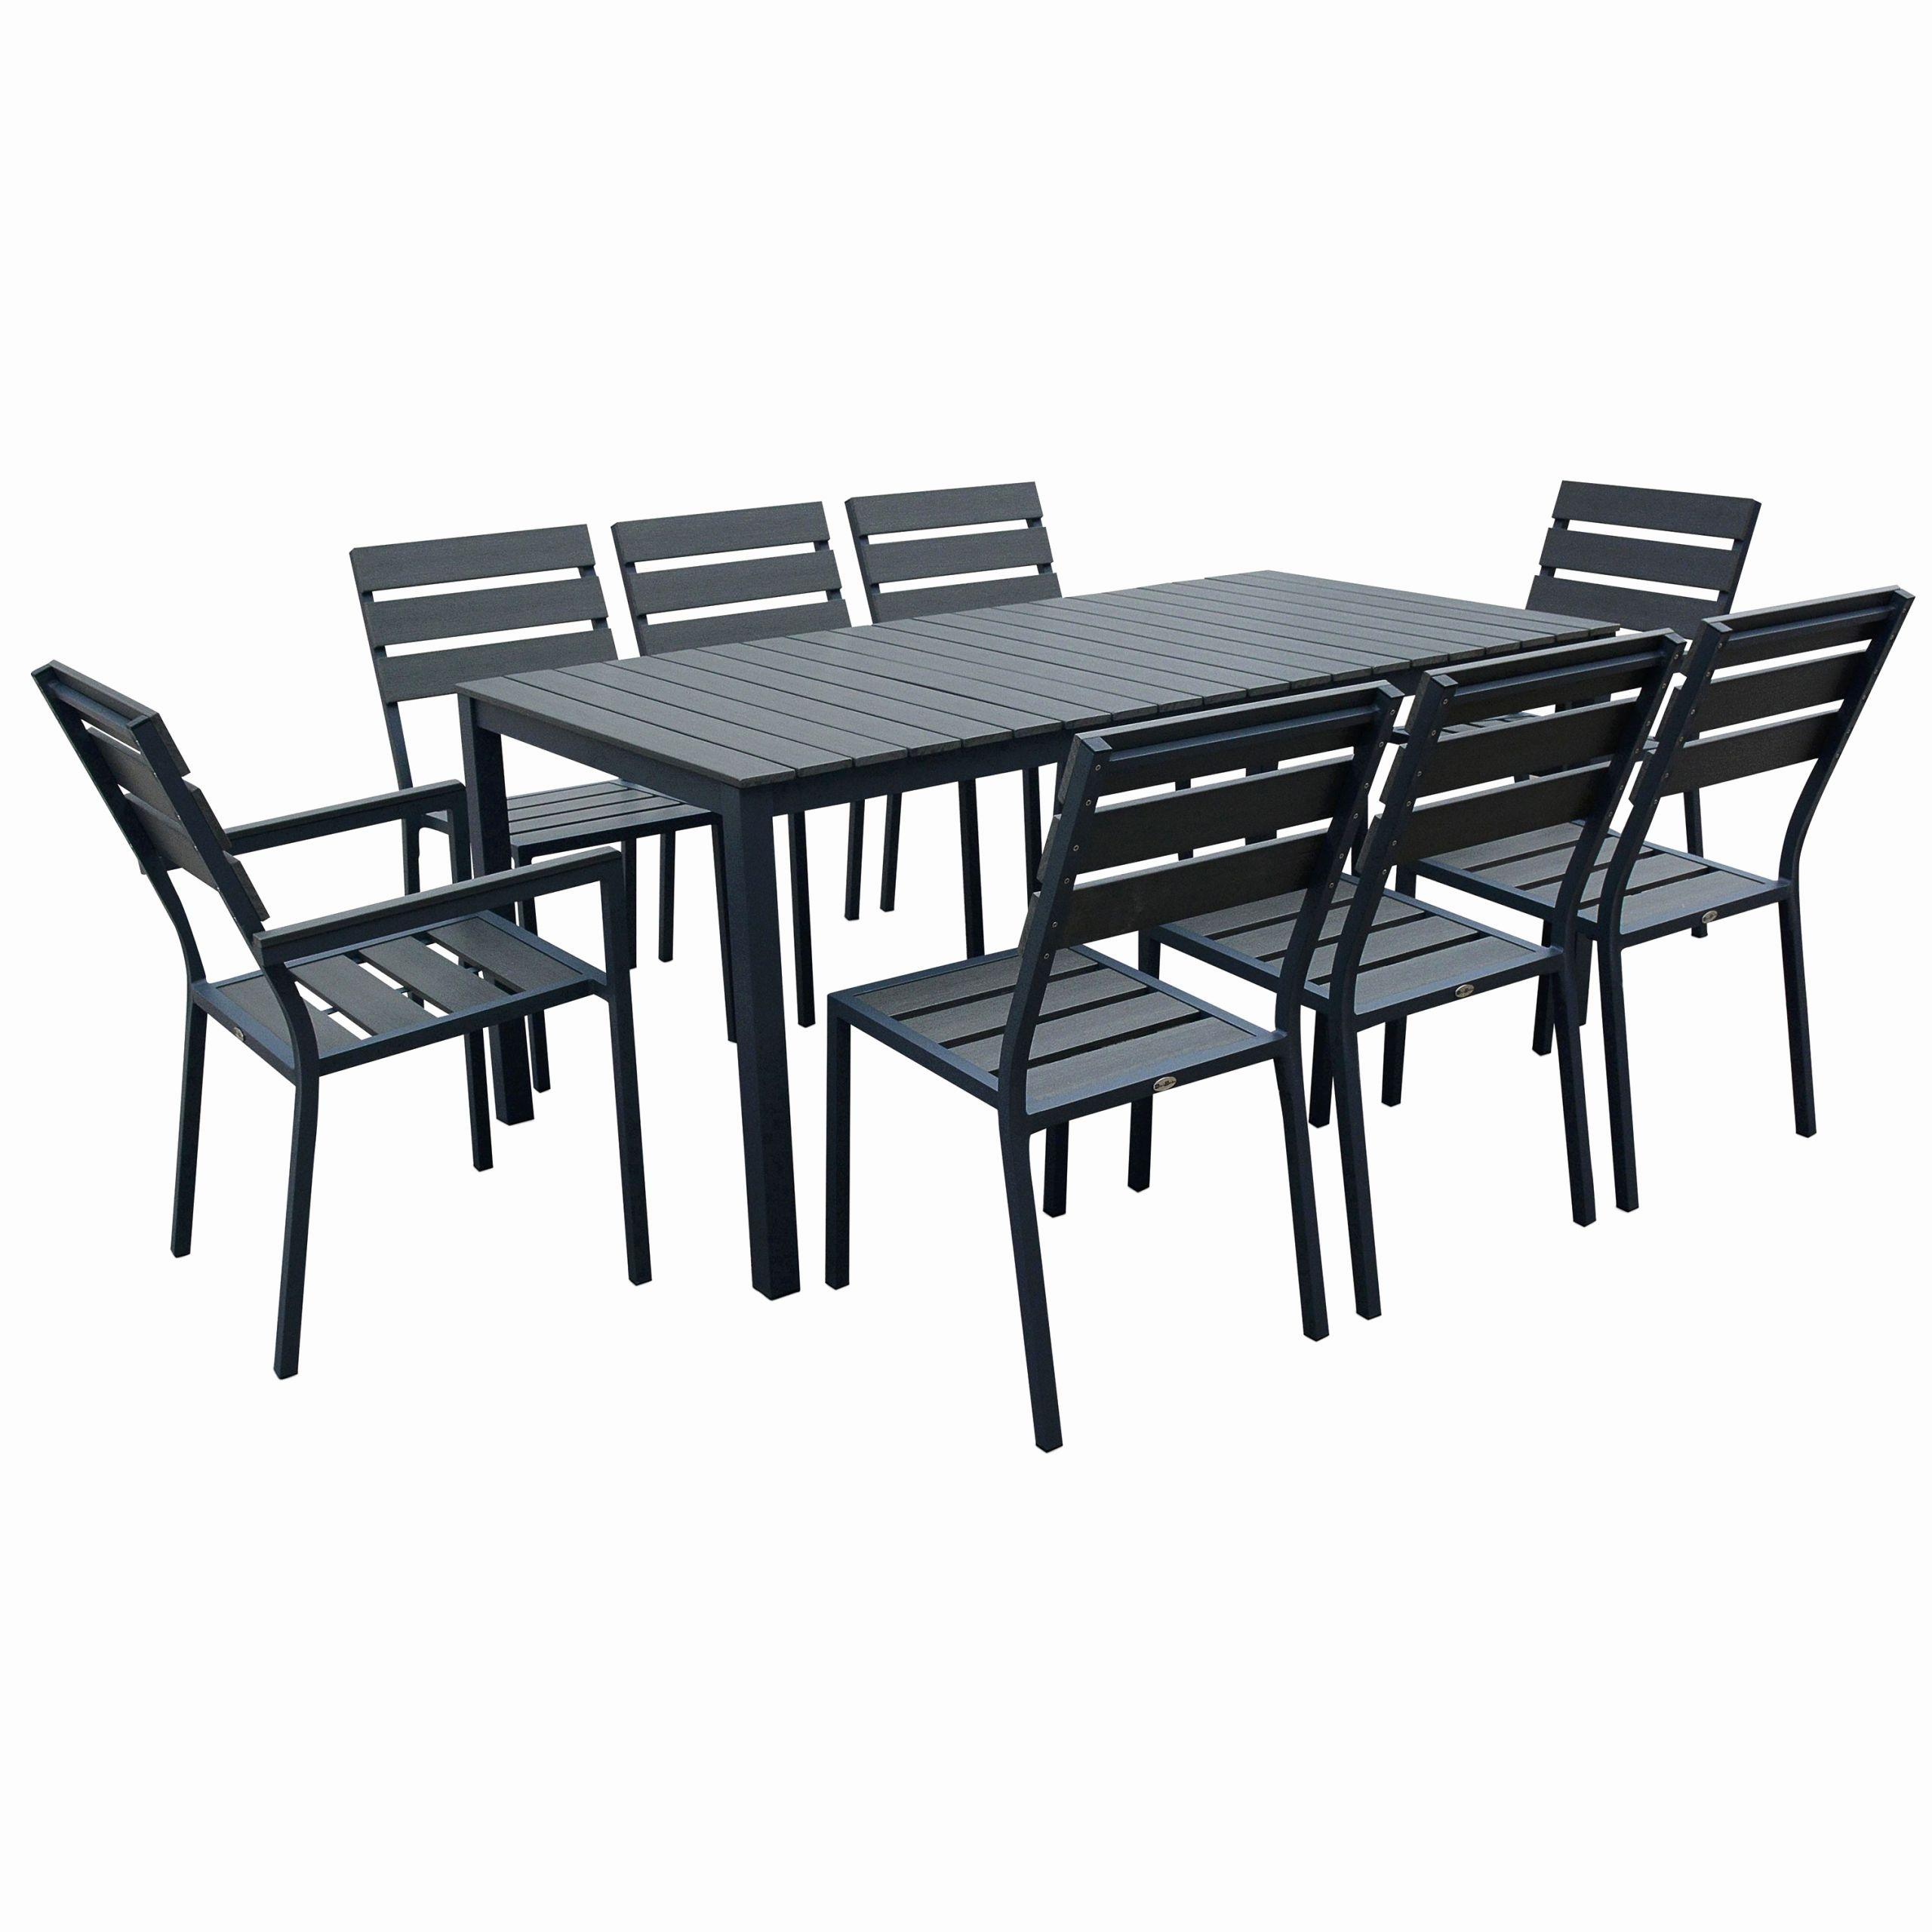 Chaises Alinea Salle A Manger chaise coffre frais 77 génial table jardin alinea | salon jardin